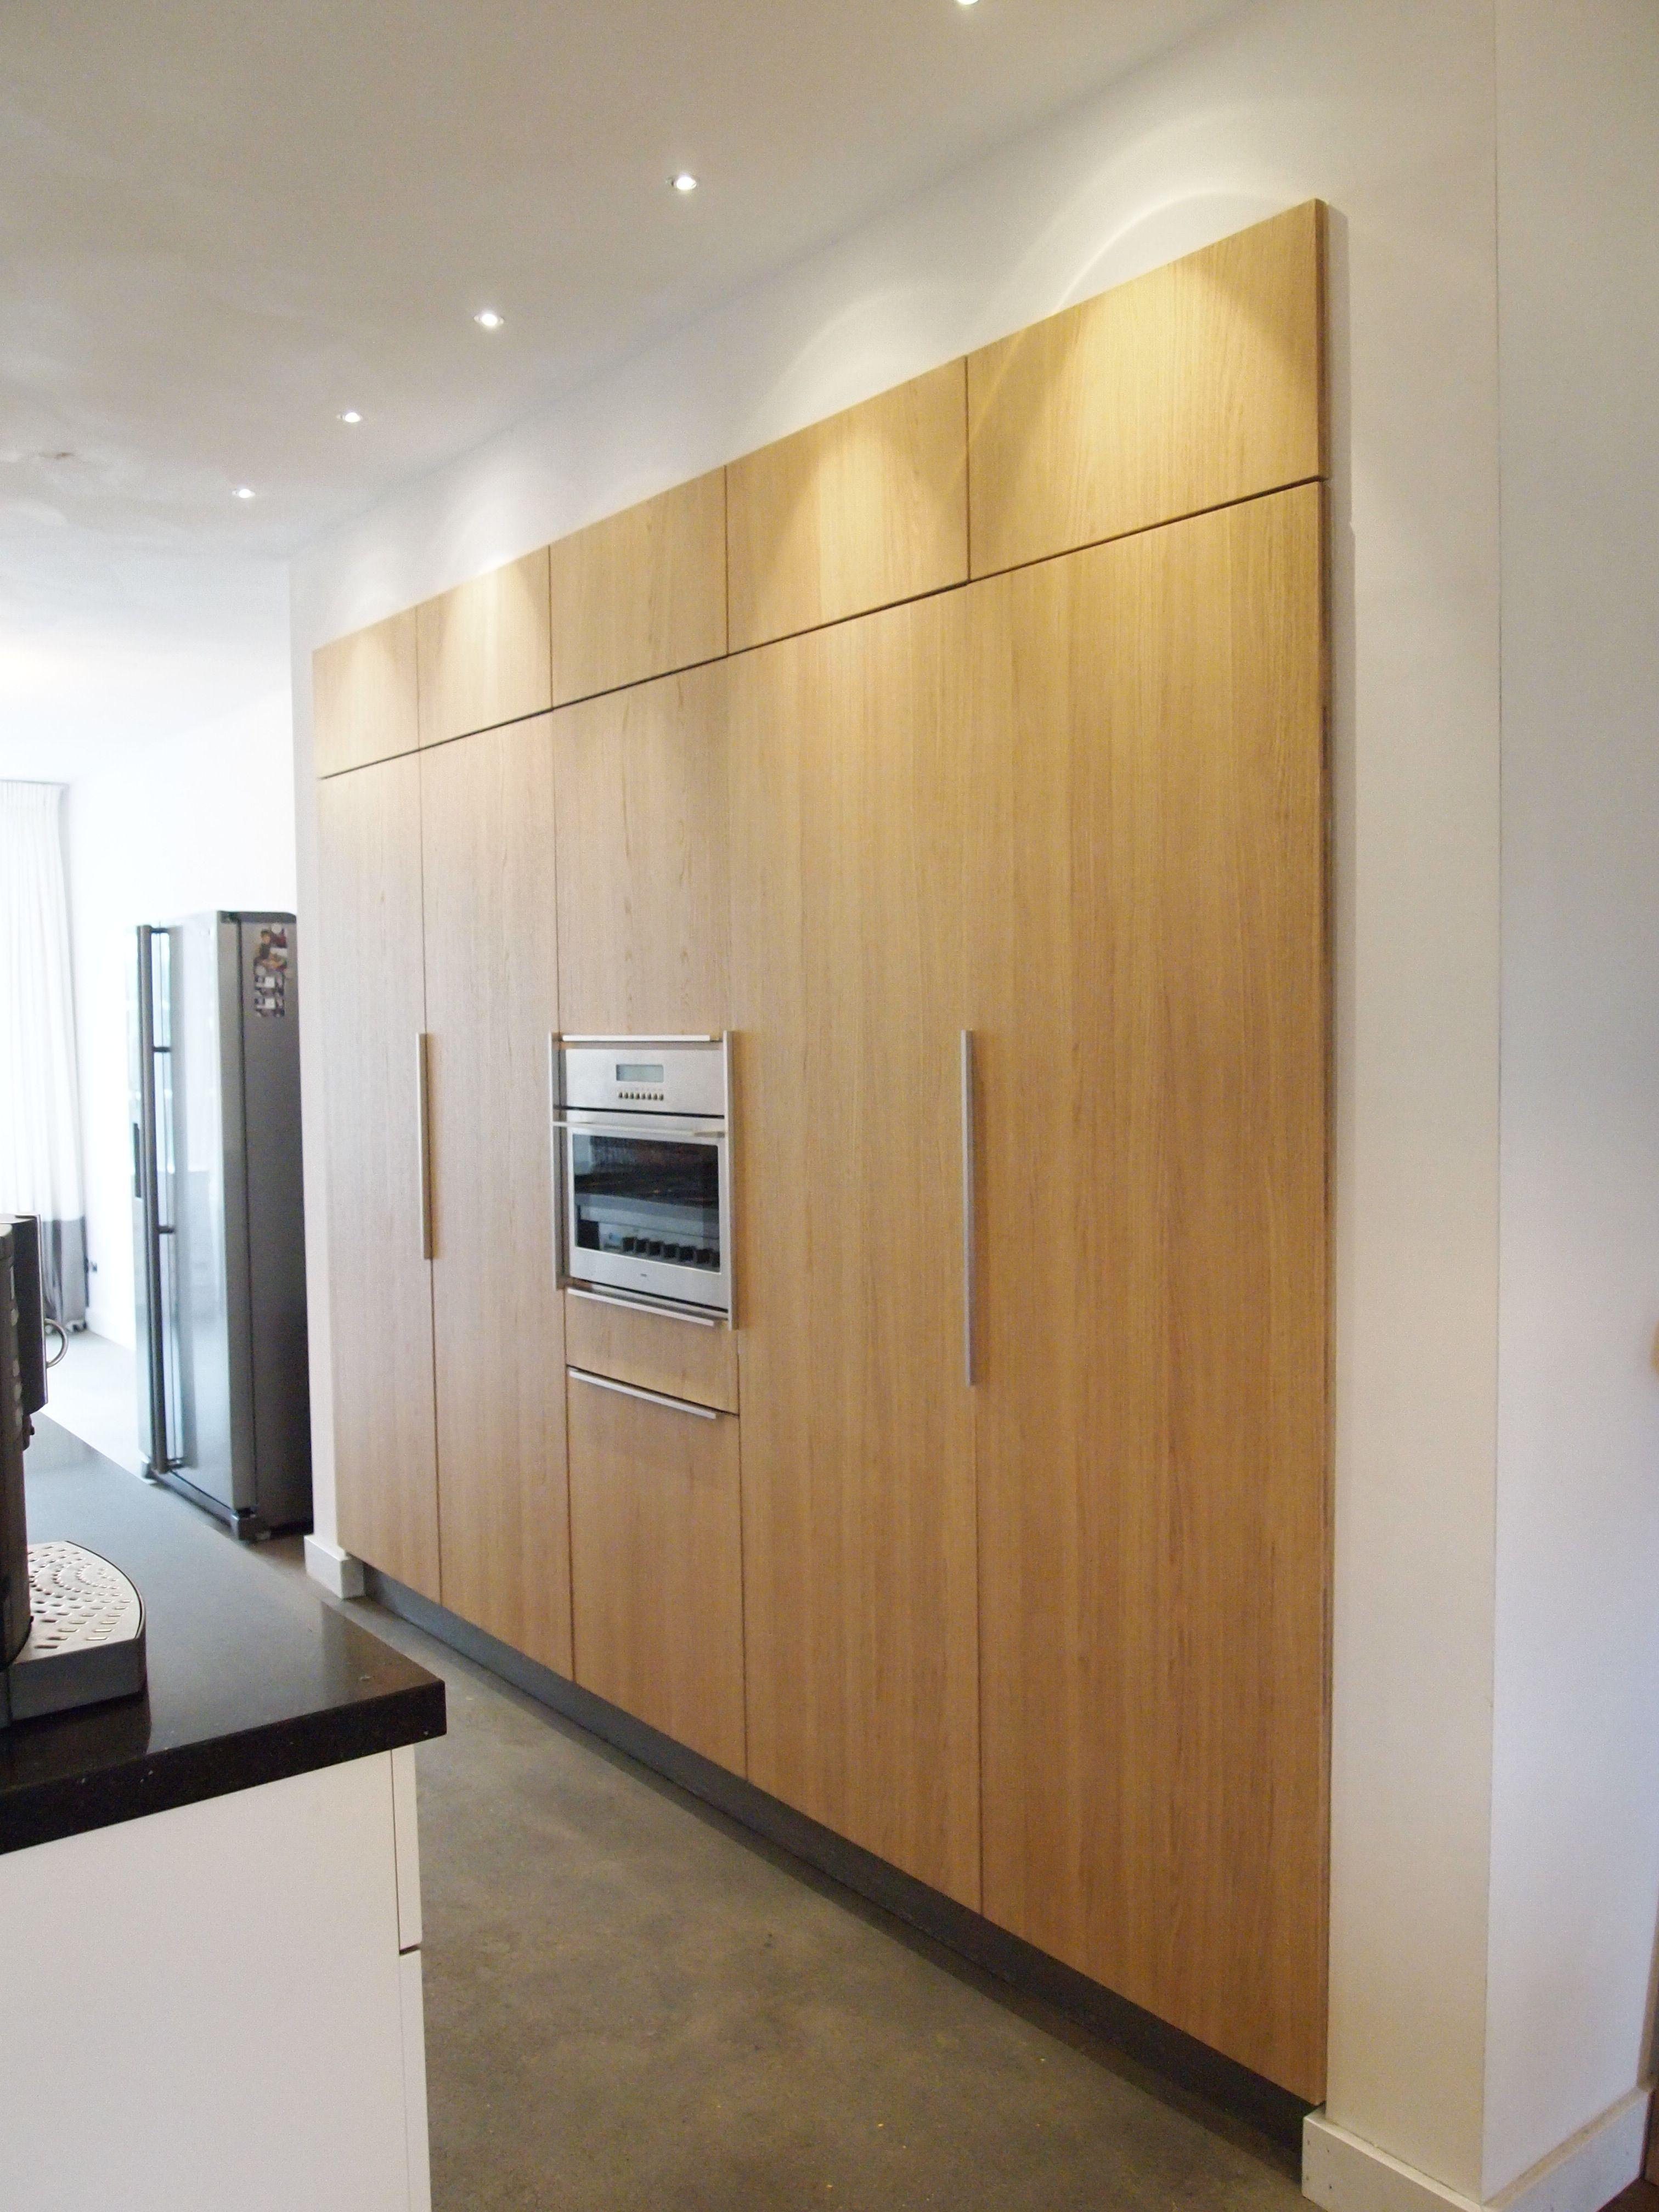 Puurbinnen ontwerp keukenwand met kasten van eikenhout en for Trap mooi maken